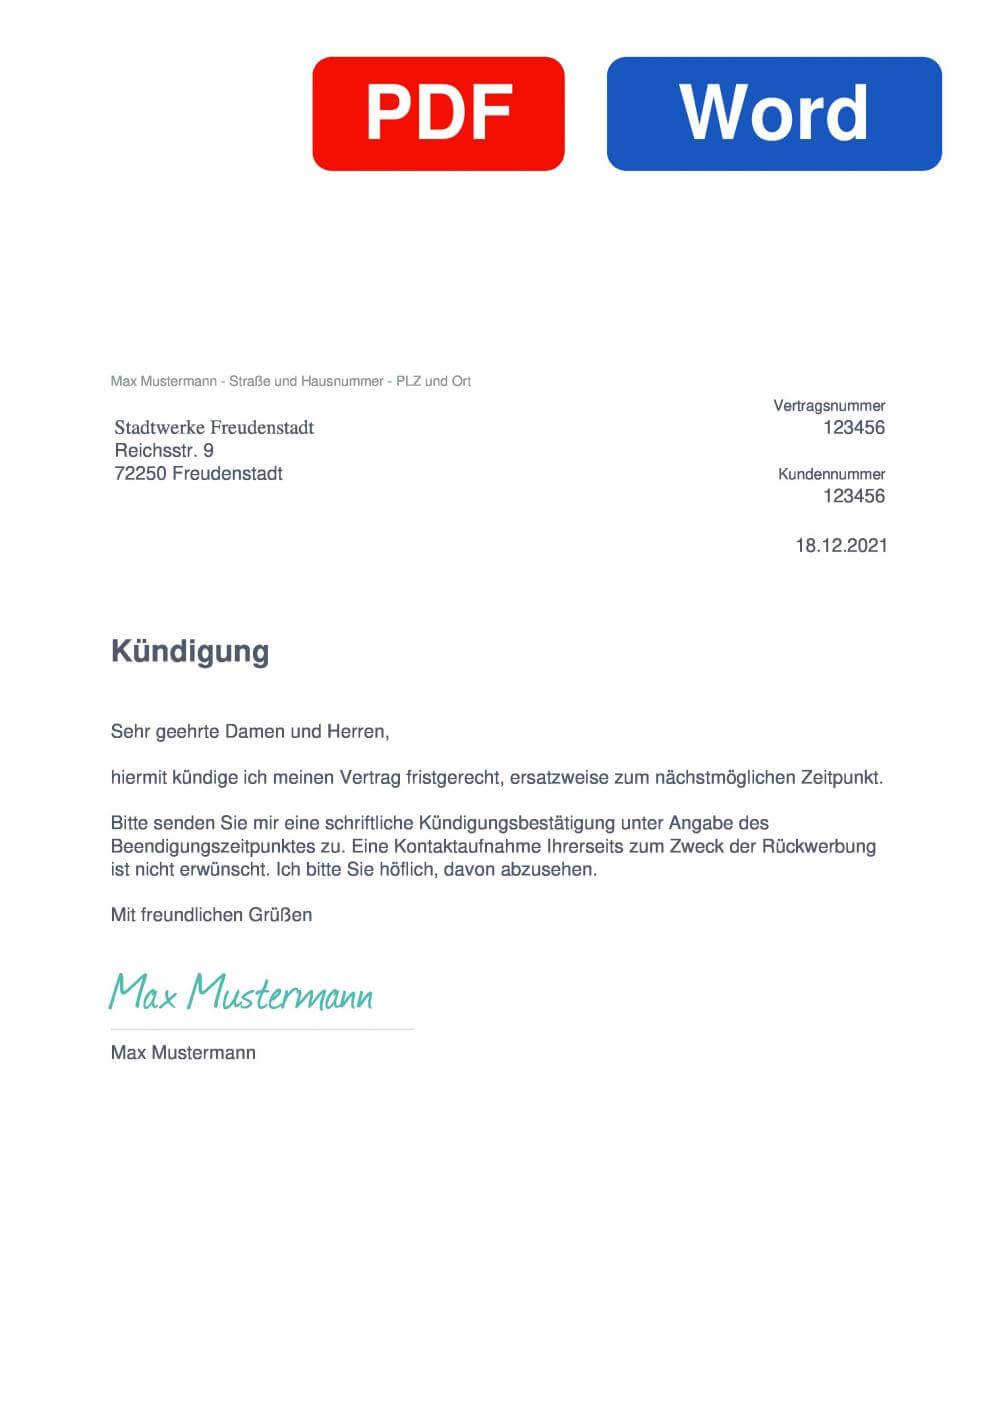 Stadtwerke Freudenstadt Muster Vorlage für Kündigungsschreiben